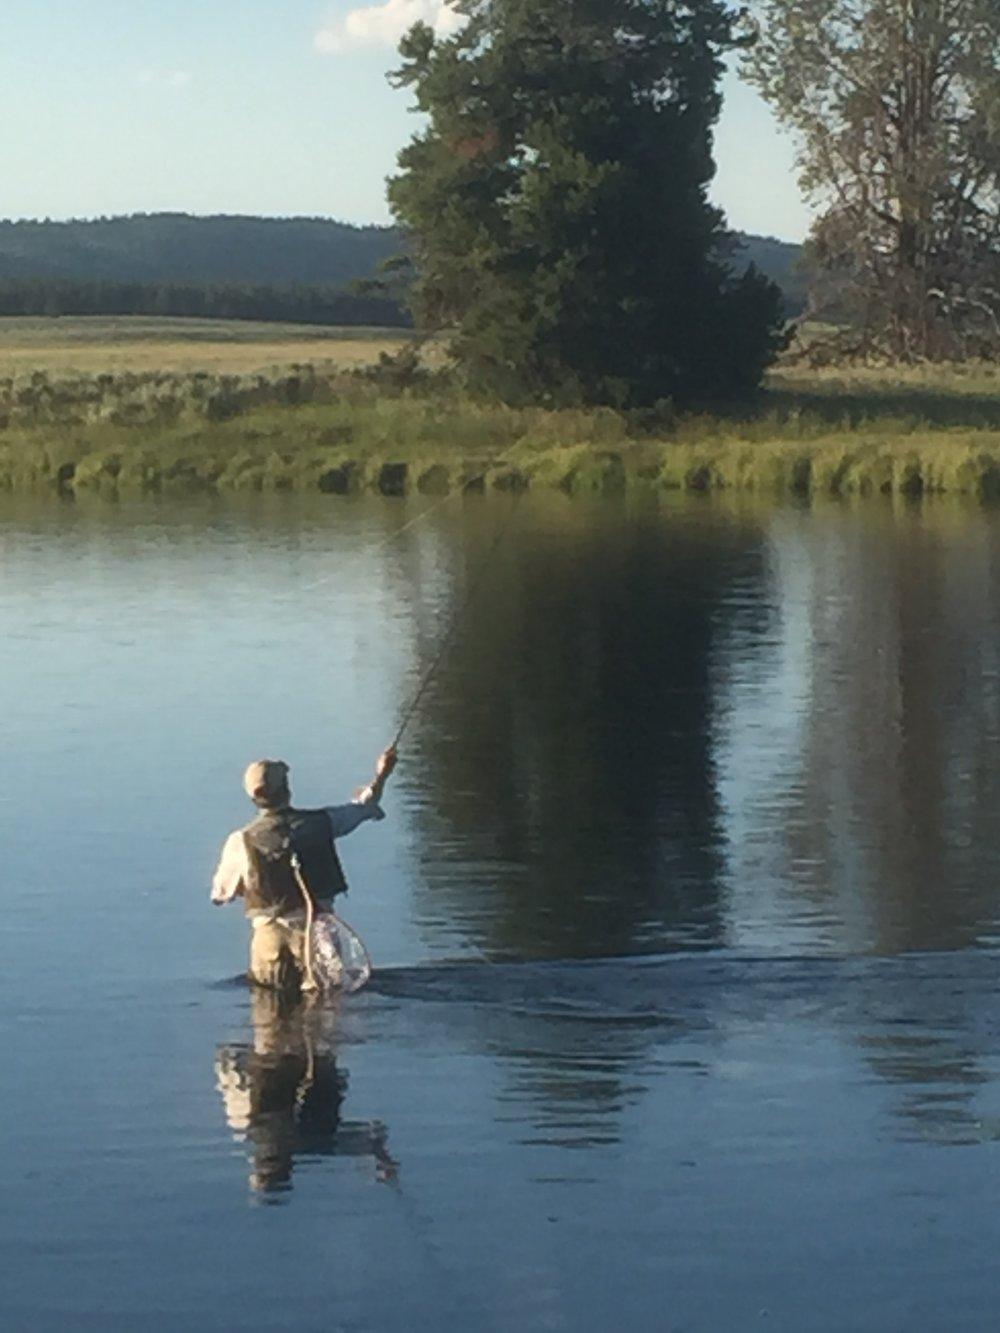 The Henry's Fork of the Snake River (photo by Greg Stevens)